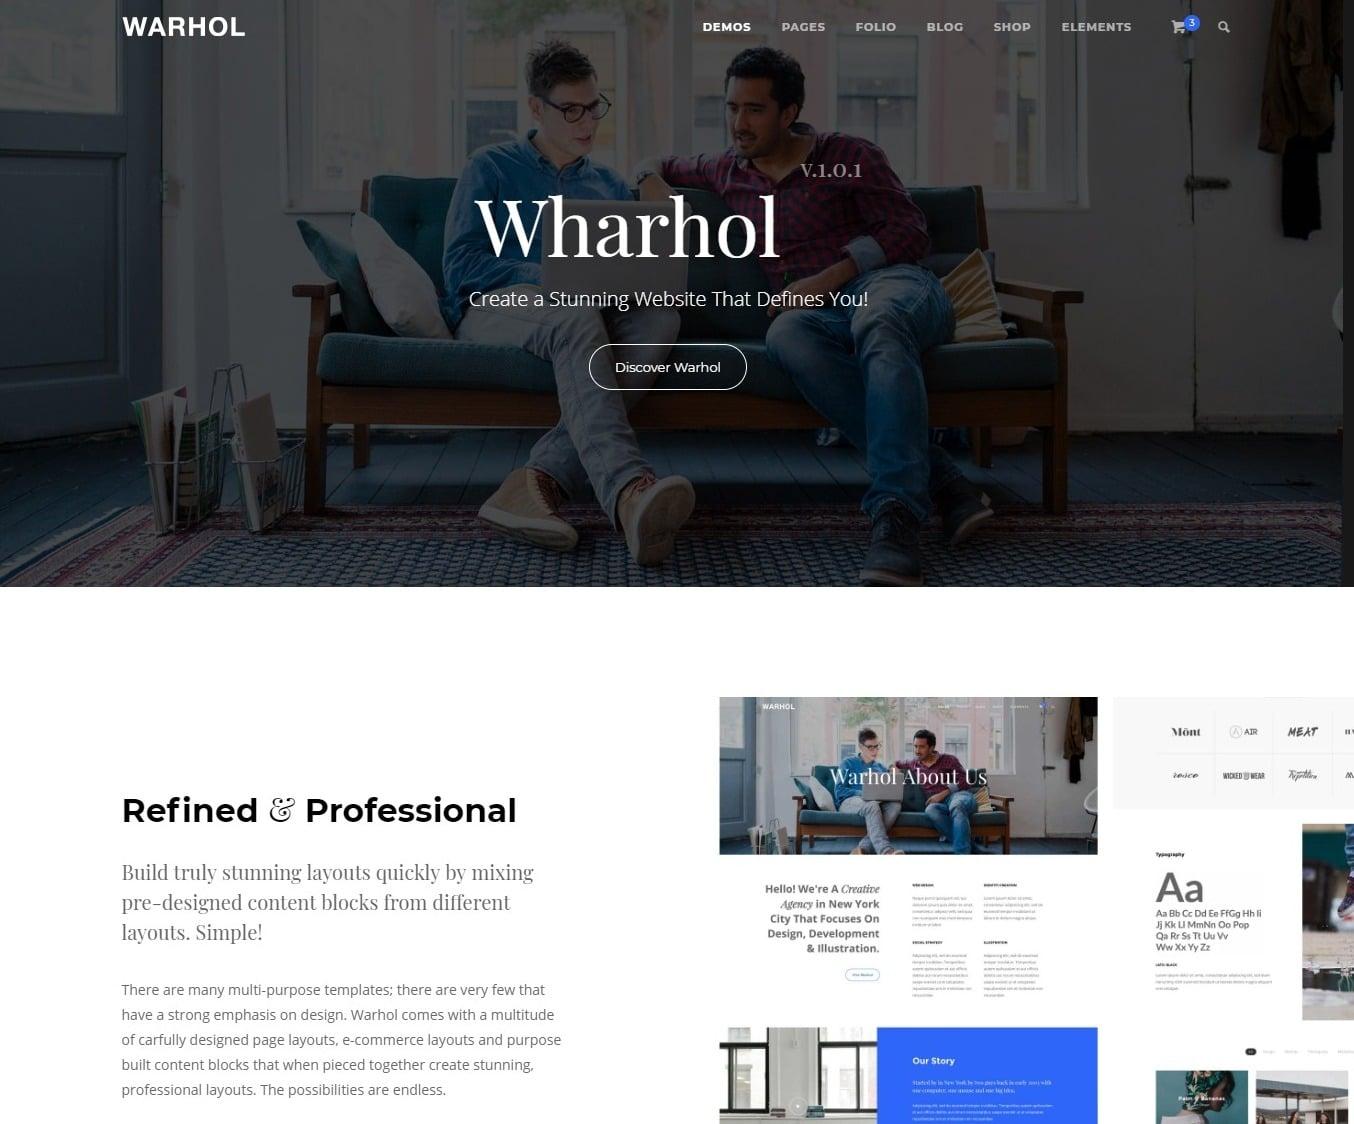 warhol-html-landing-page-templates-elementor-landing-page